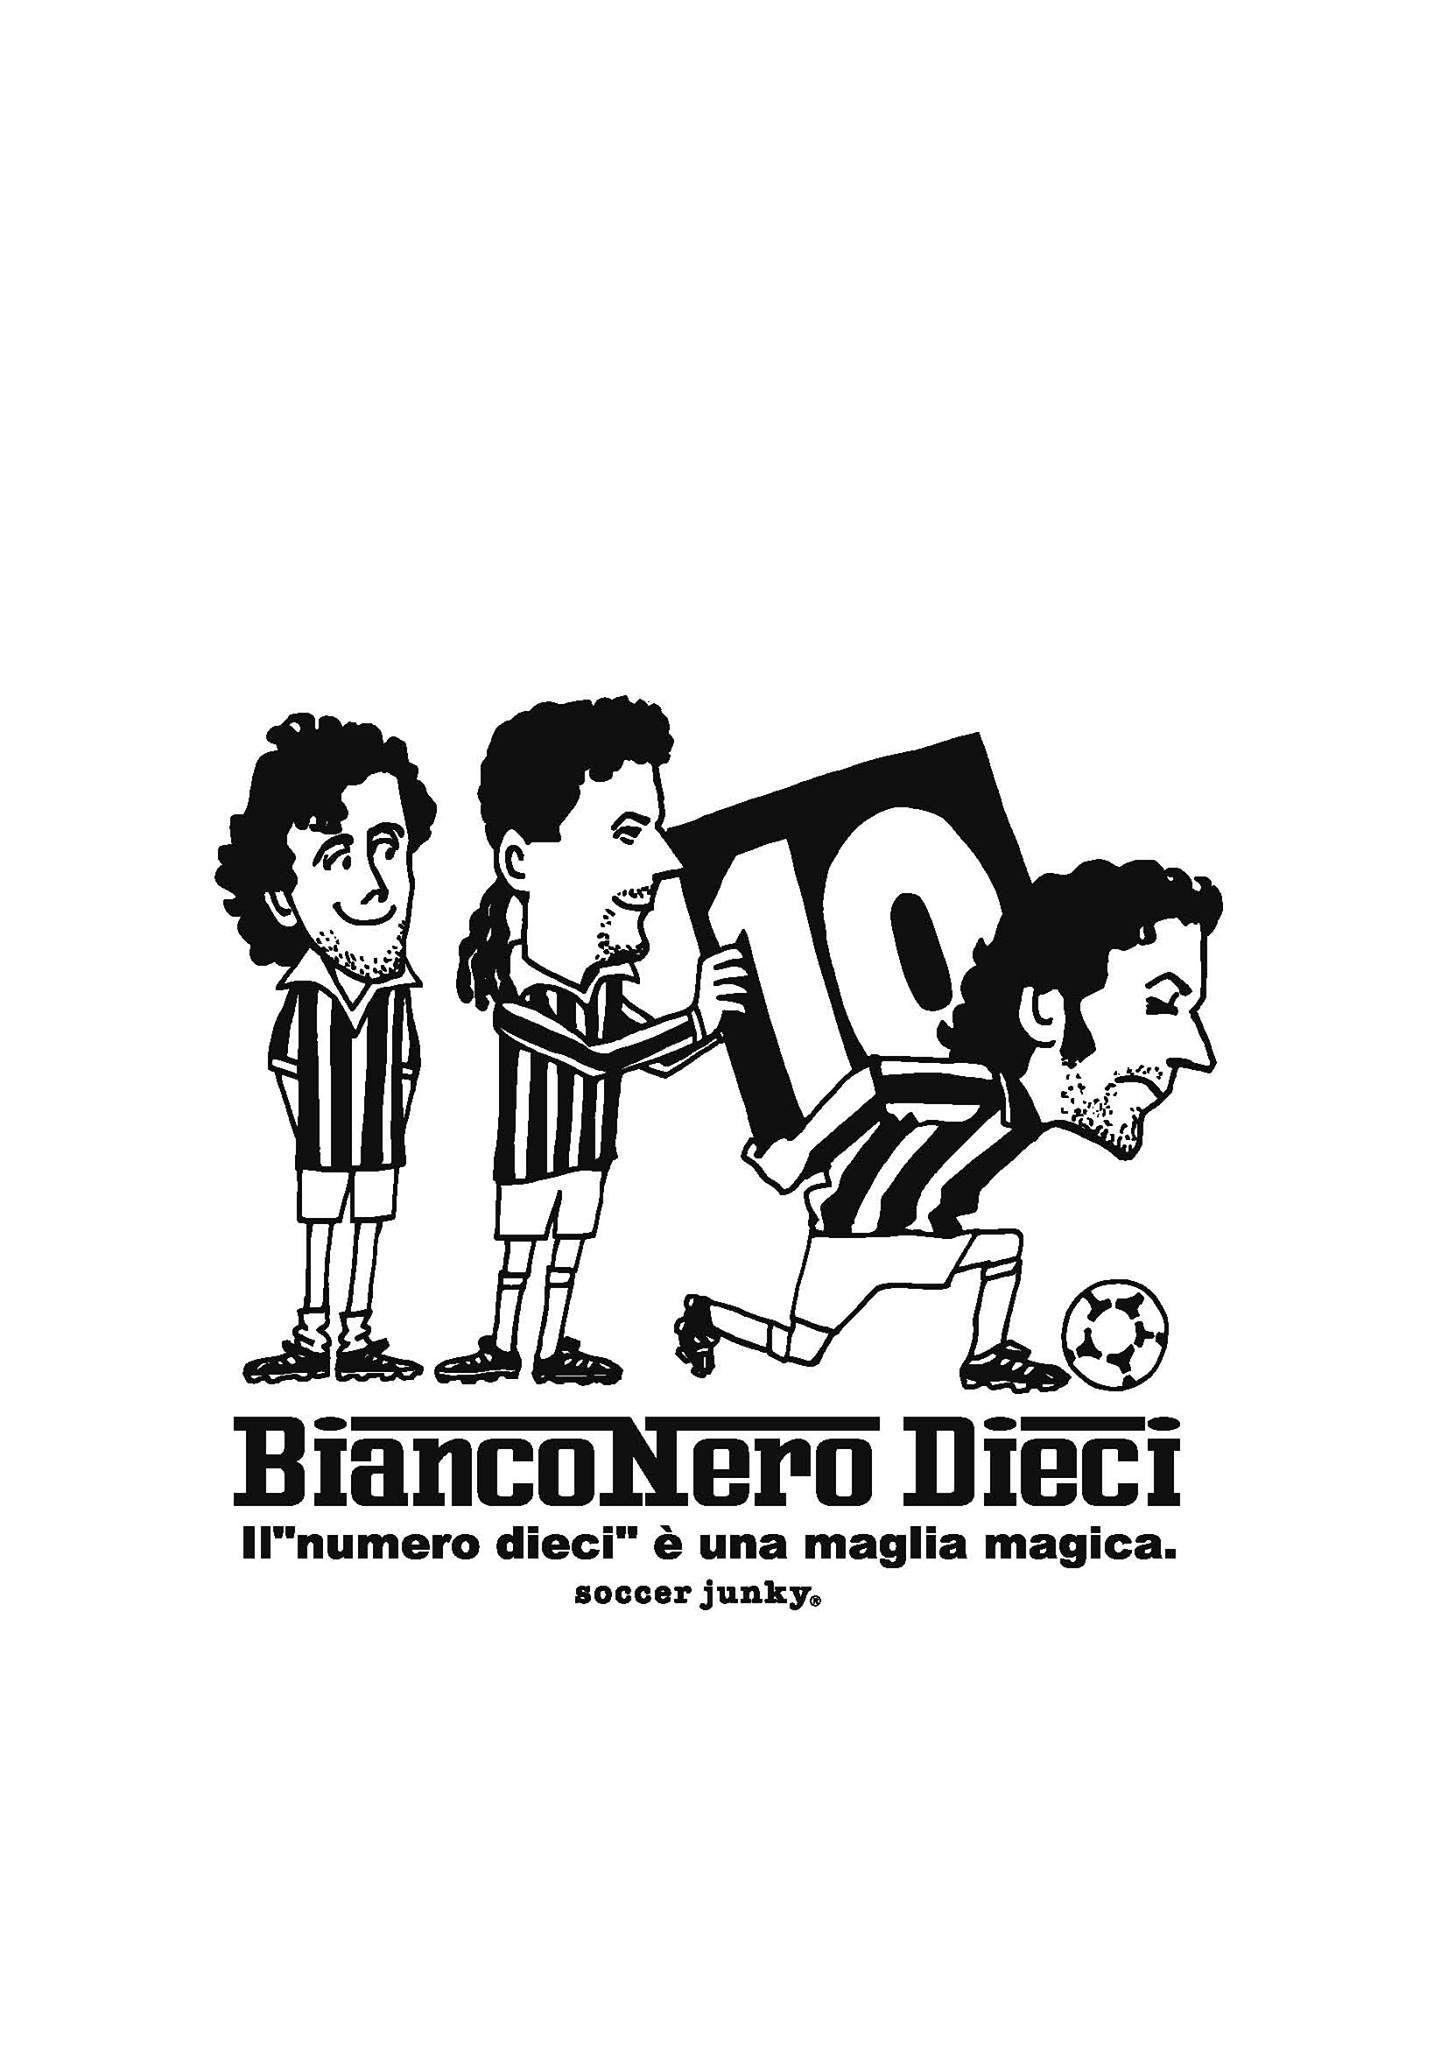 Soccerjunky サッカー サッカー イラスト サッカー選手